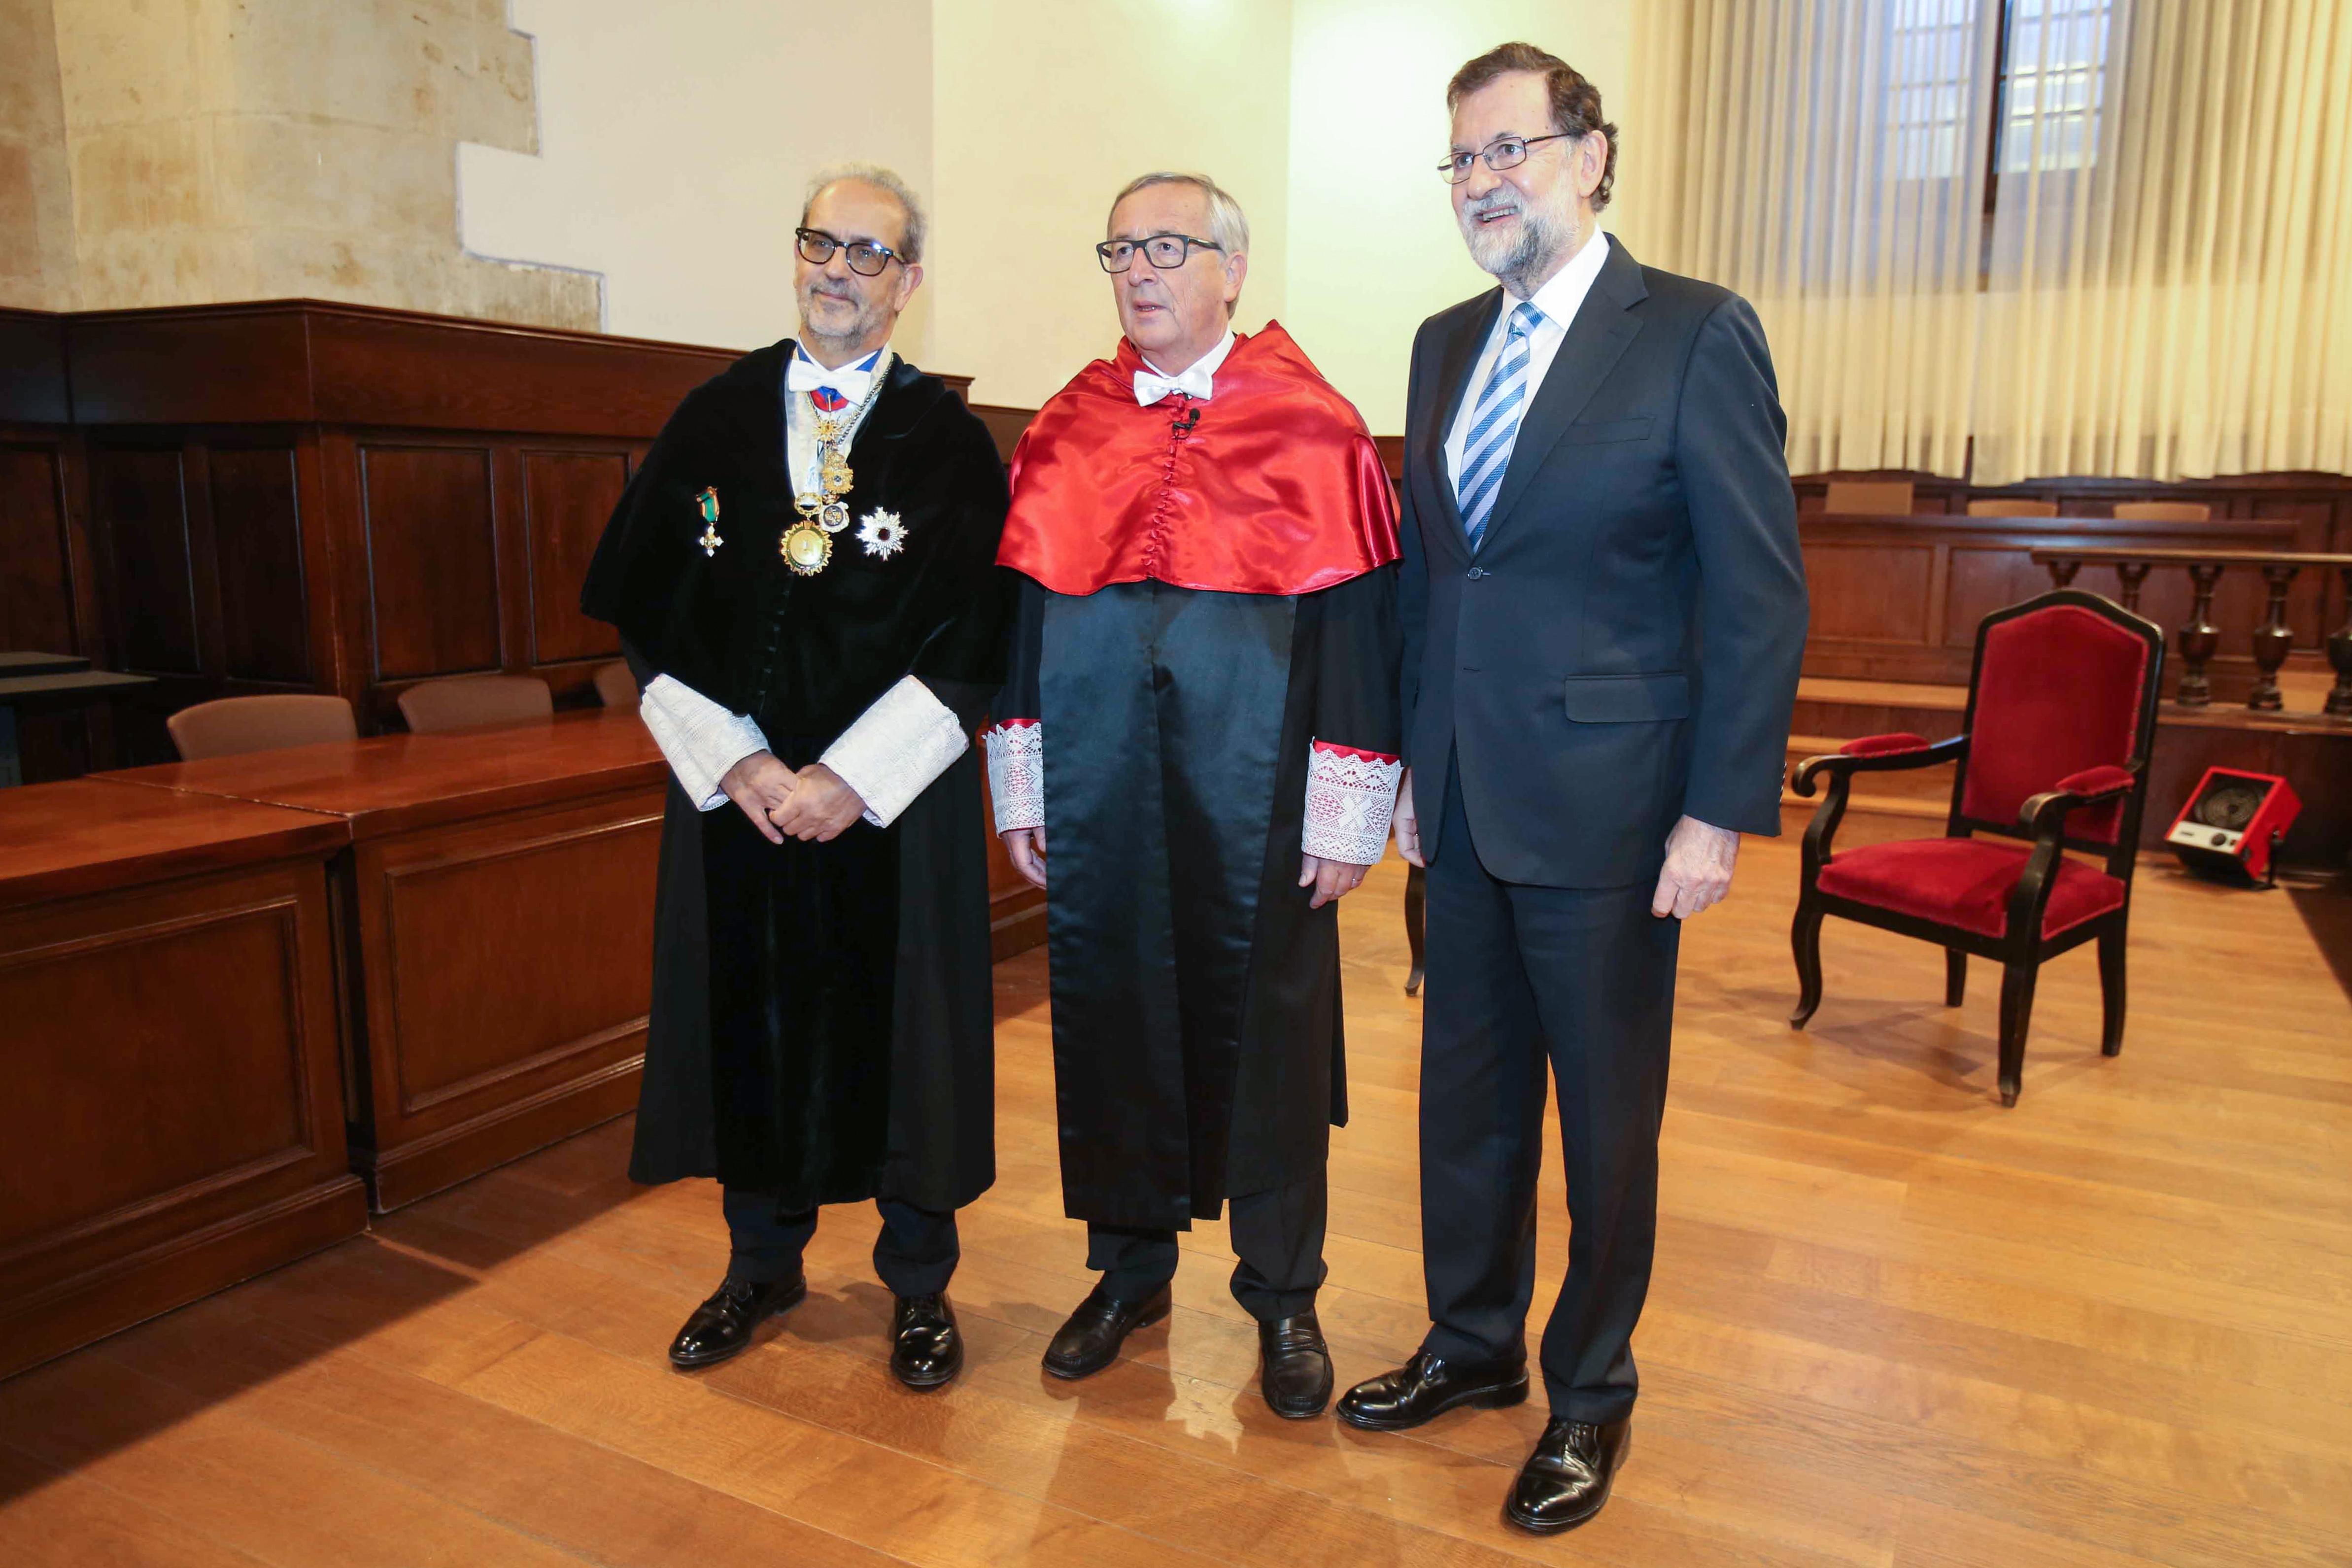 El rector apela al europeísmo y la concordia en la entrega del doctorado honoris causa a Jean-Claude Juncker y Manuel Marín